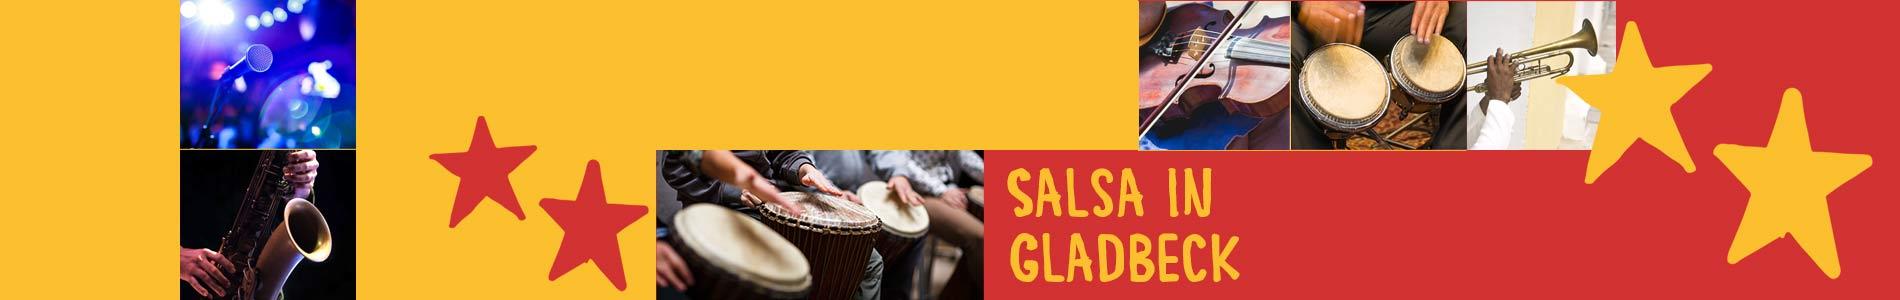 Salsa in Gladbeck – Salsa lernen und tanzen, Tanzkurse, Partys, Veranstaltungen